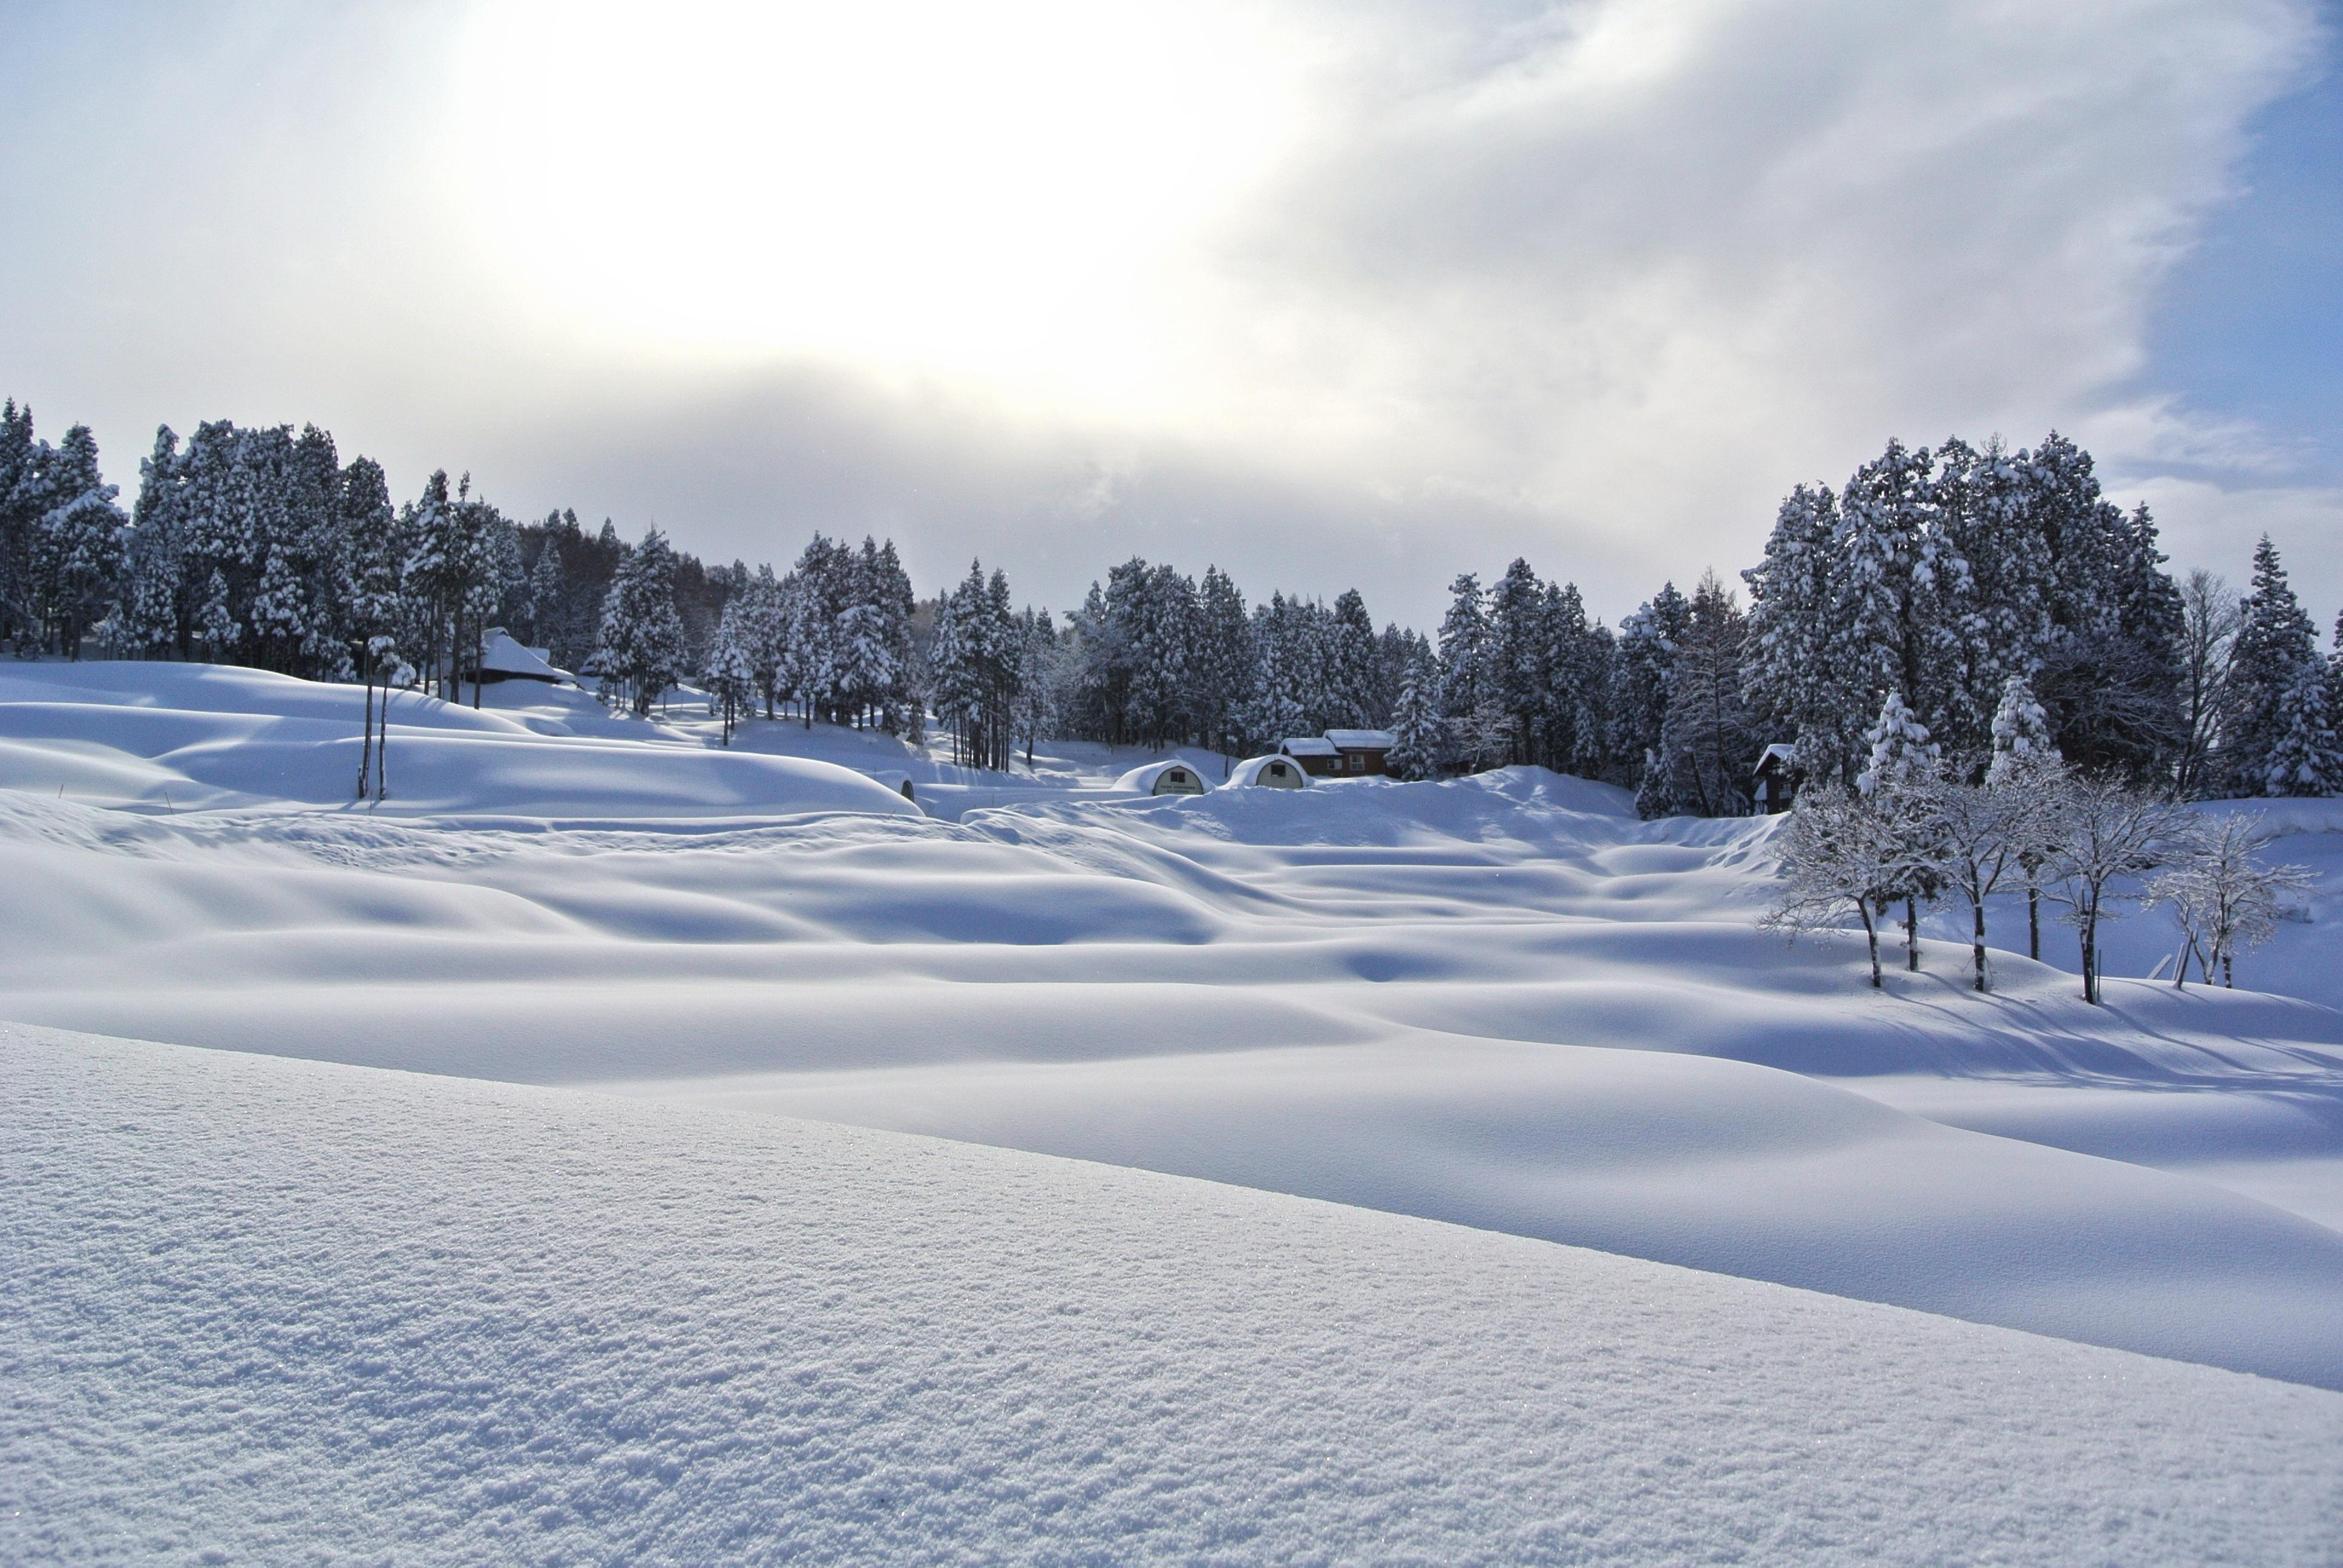 Fotos Gratis : Paisaje, Montaña, Nieve, Invierno, Blanco